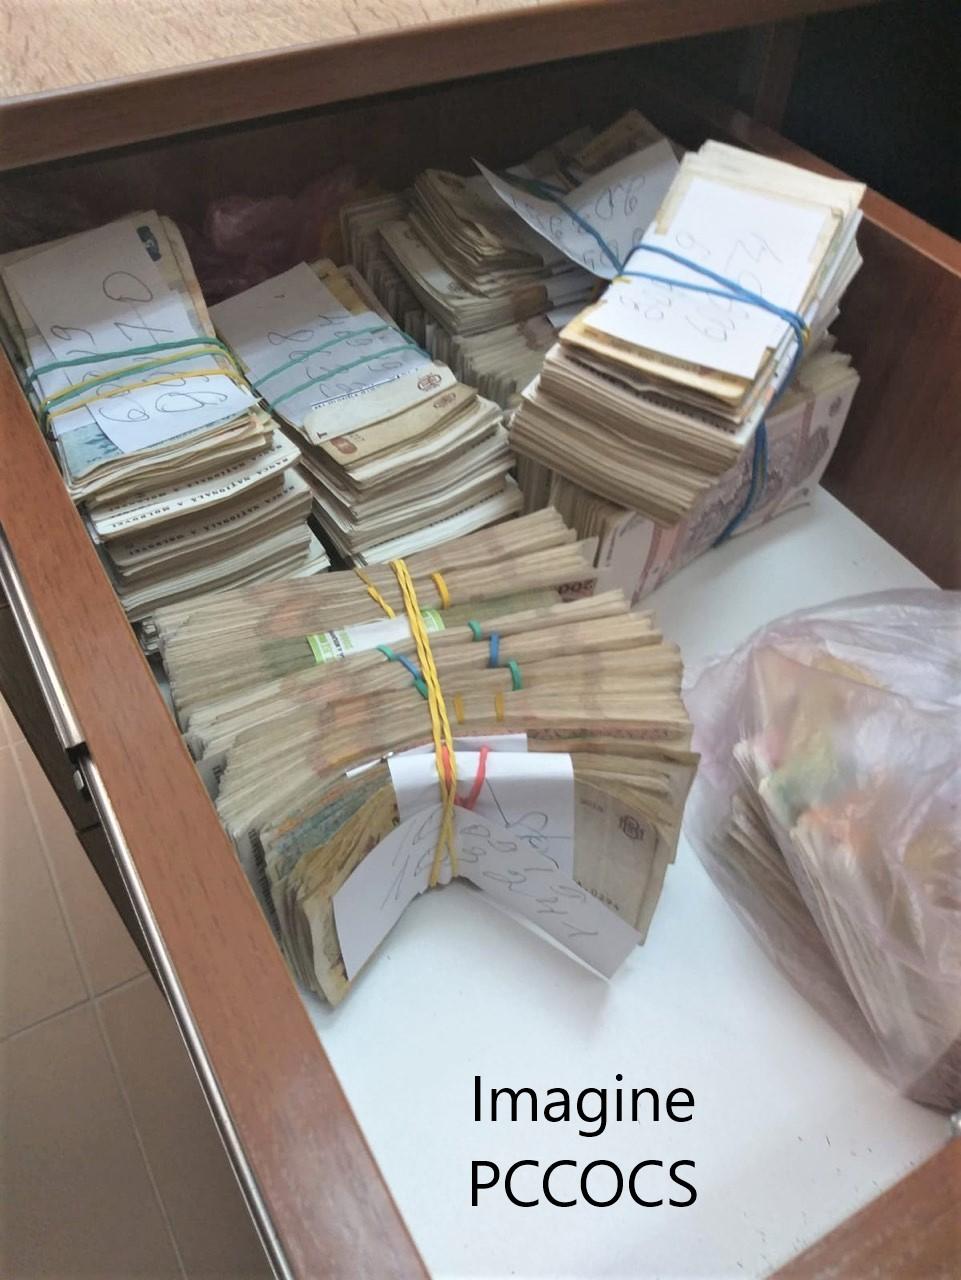 ВМолдове мебельную фирму обвинили внанесении ущерба государству 30млн леев. Задержали пять человек